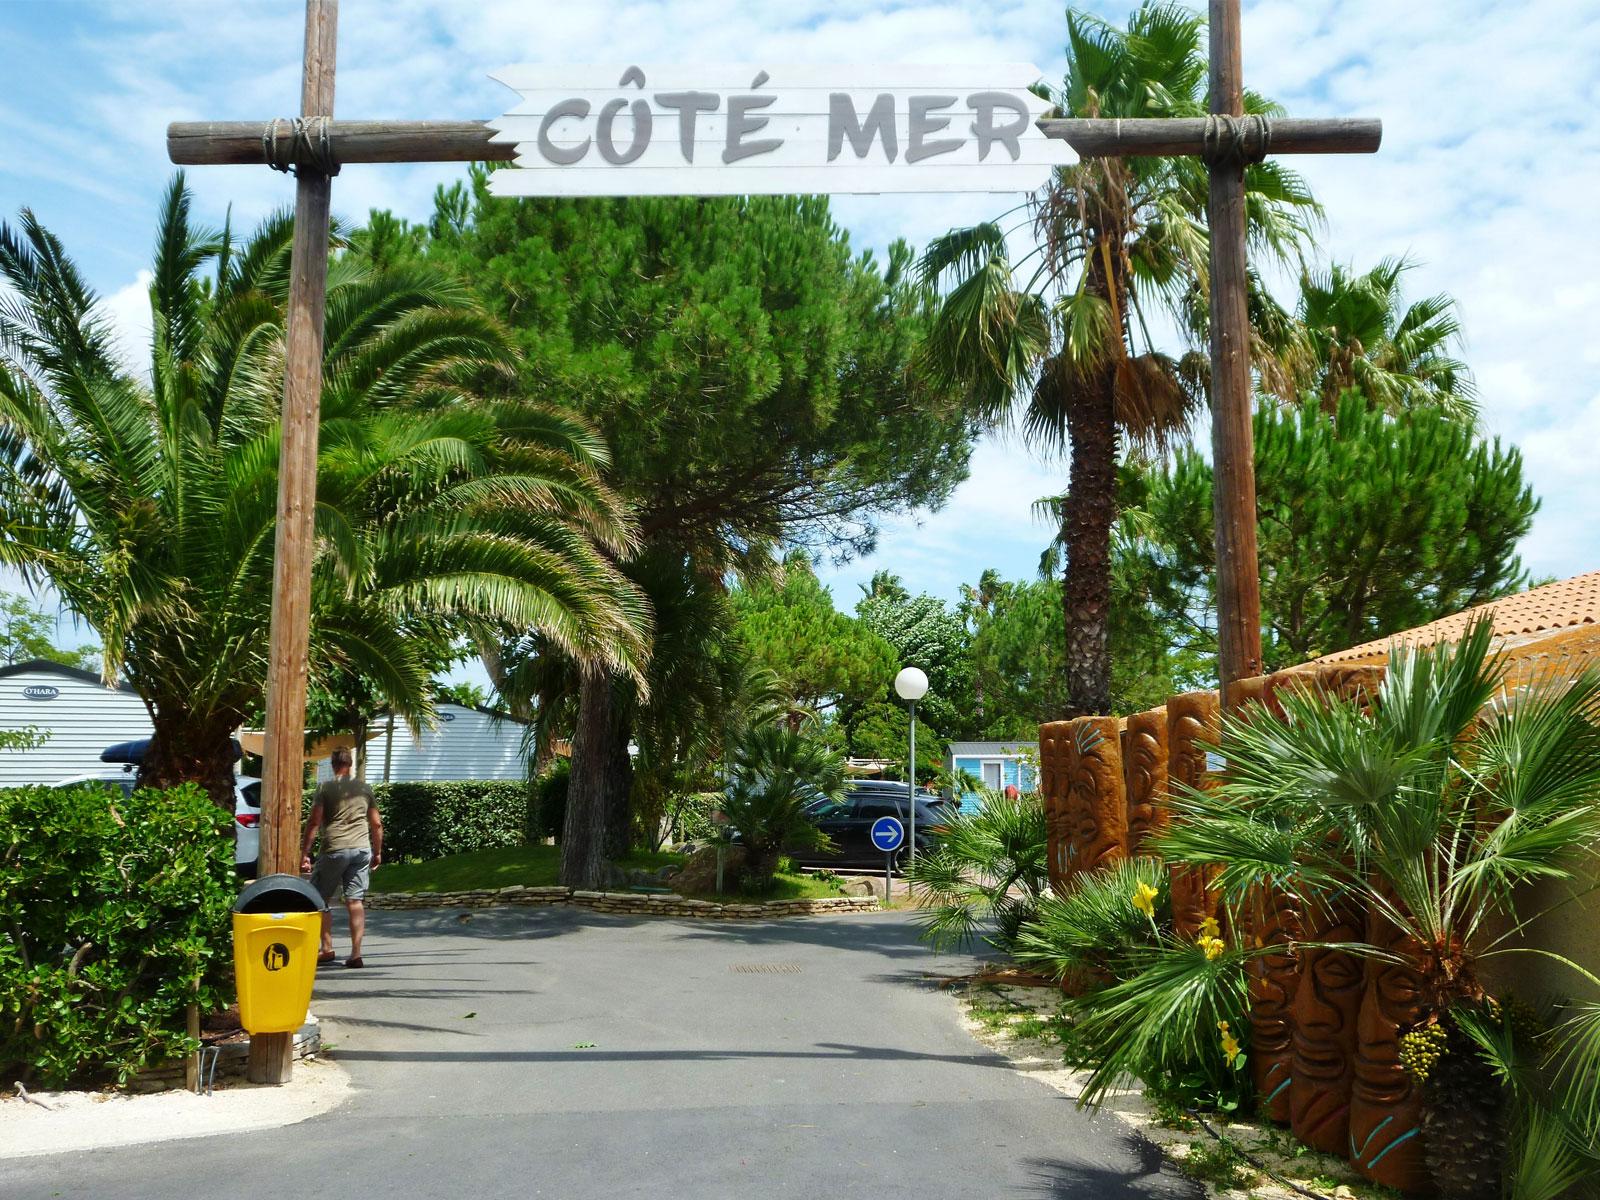 arche en bois entrée côté mer avec palmiers